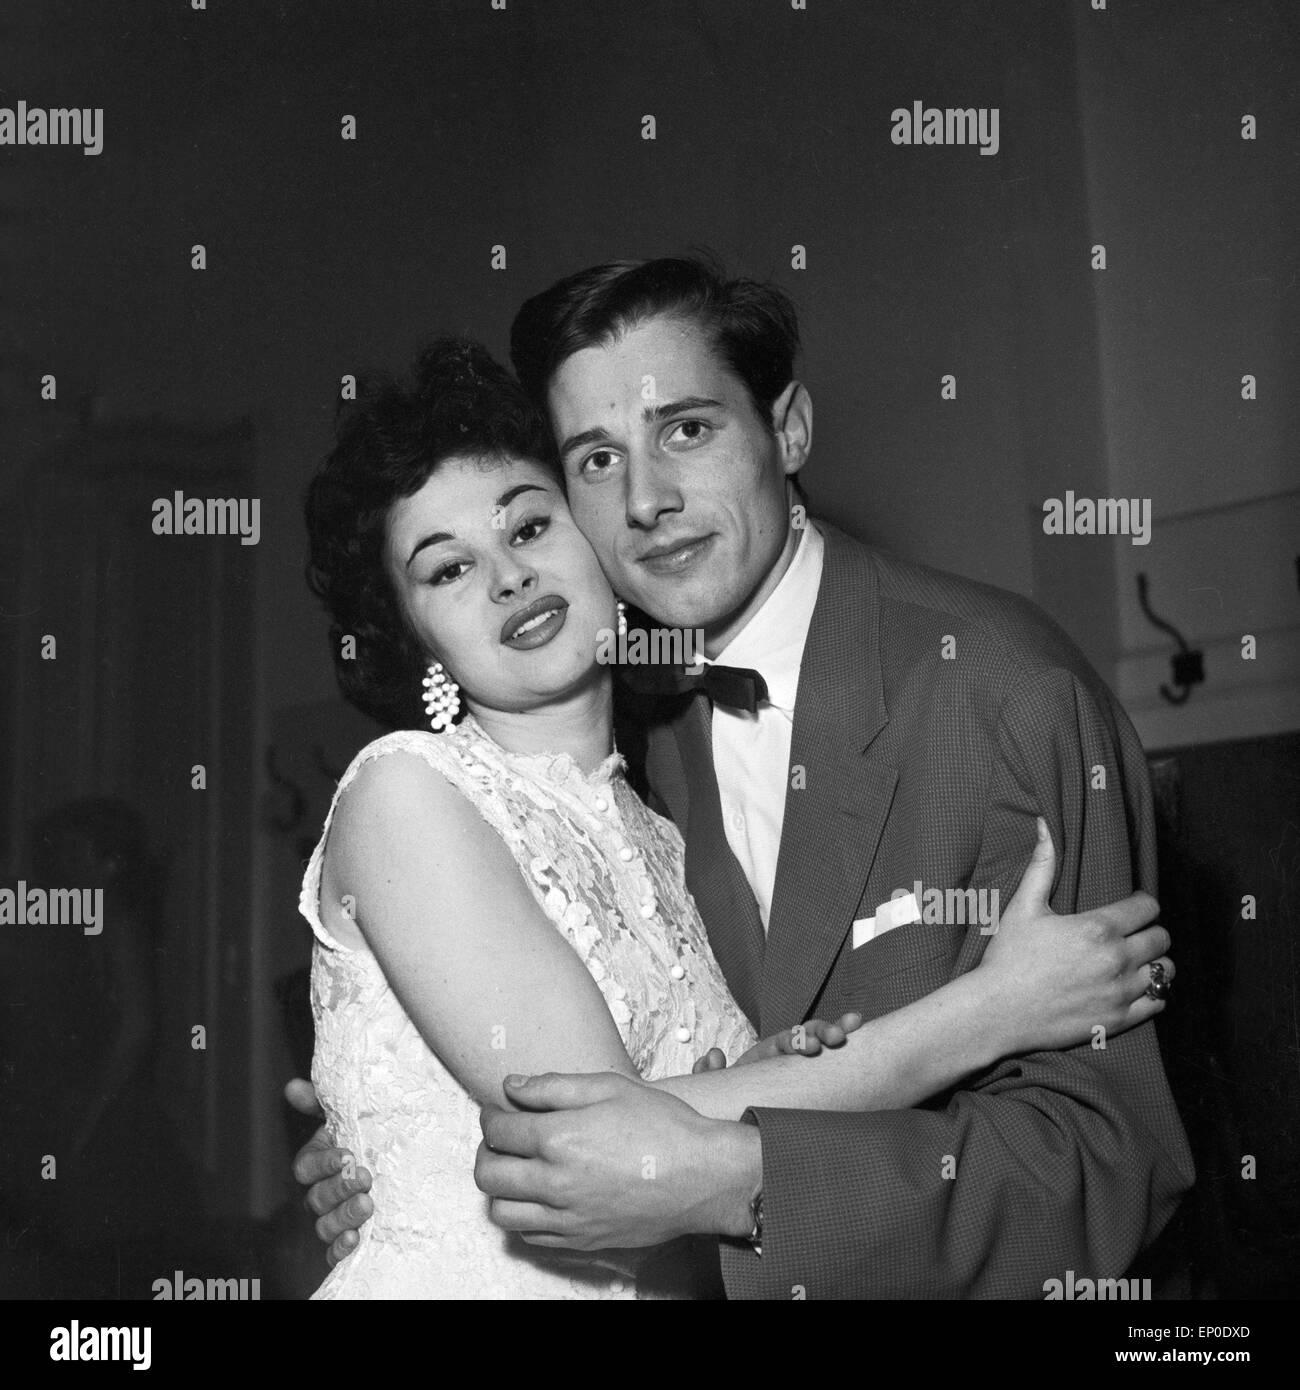 Der Sänger und Entertainer Udo Jürgens und die Schauspielerin Evi Kent im November 1956. German singer - Stock Image